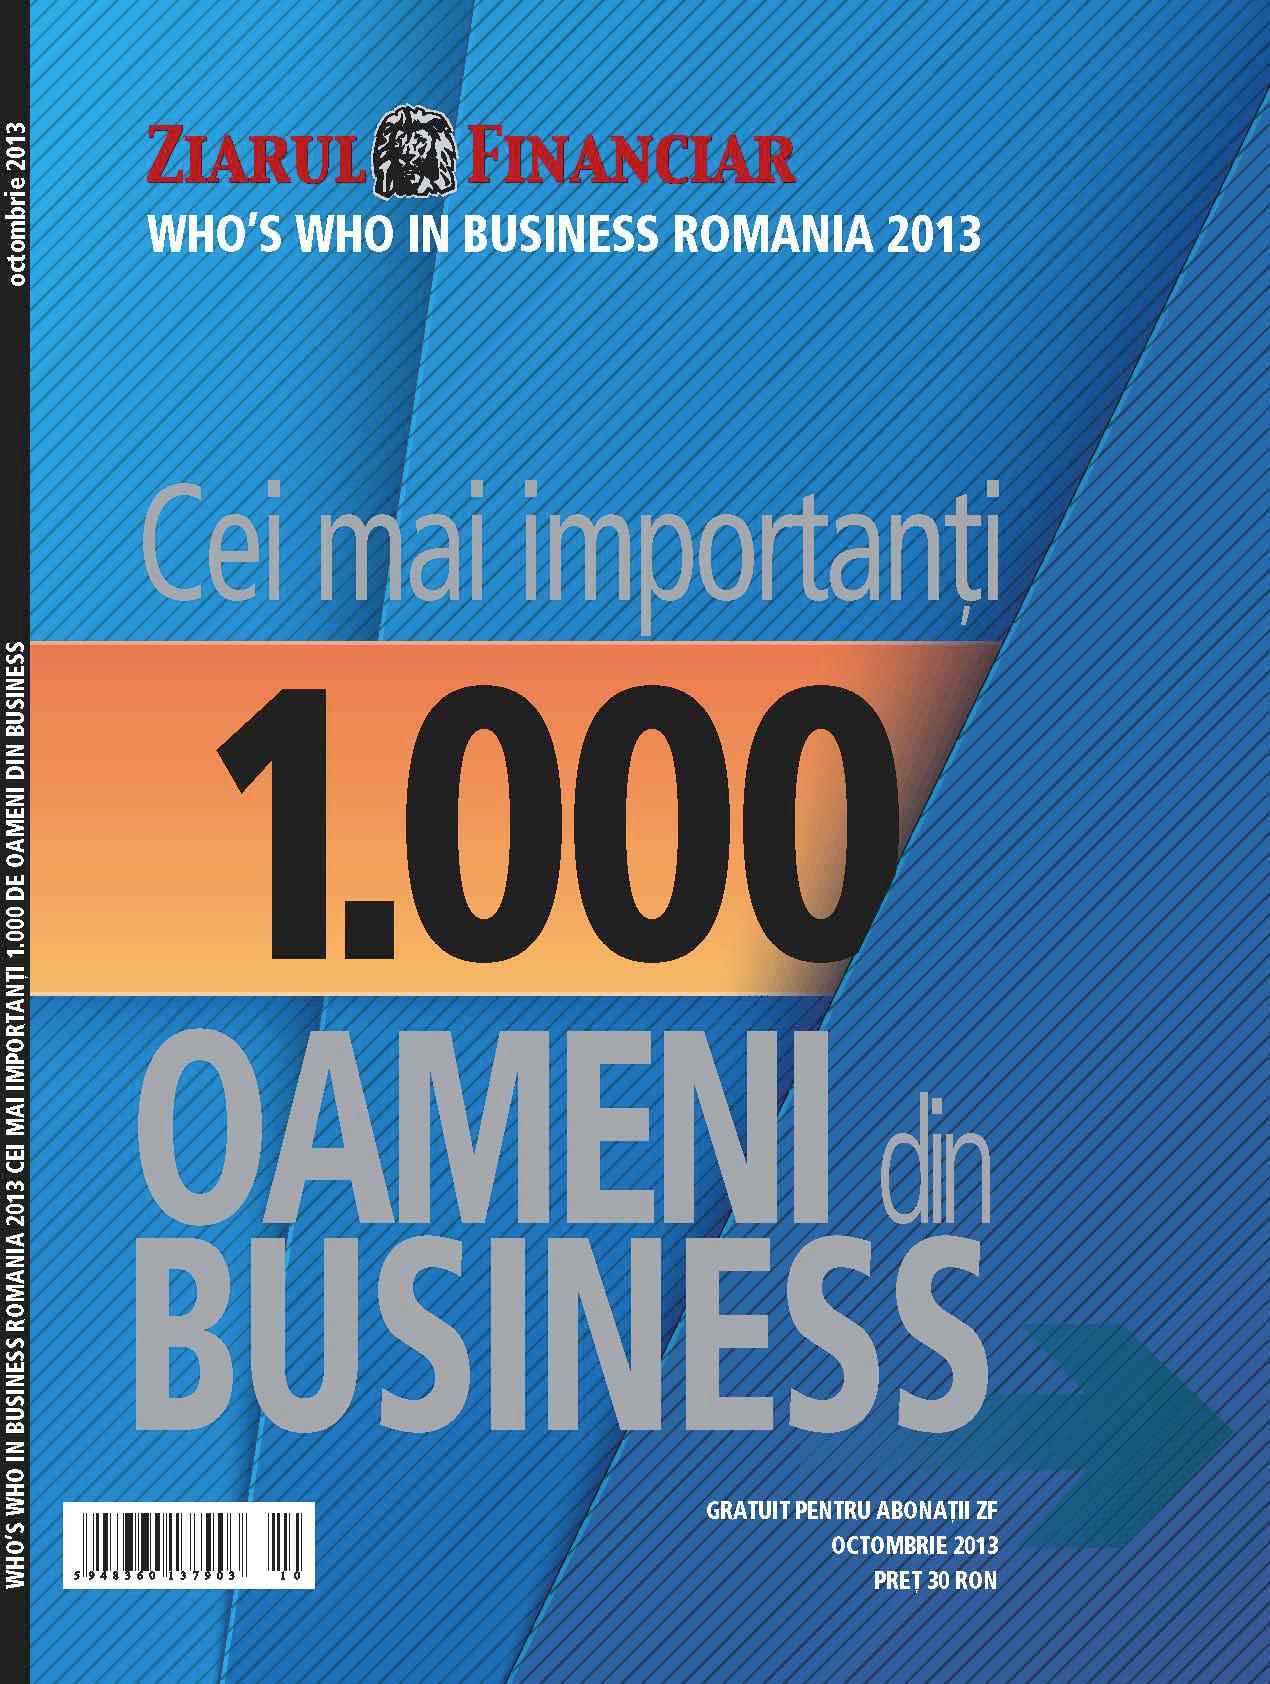 """""""Who's Who in Business – Cei mai importanţi 1.000 de oameni din business"""", primul anuar ZF din toamnă"""